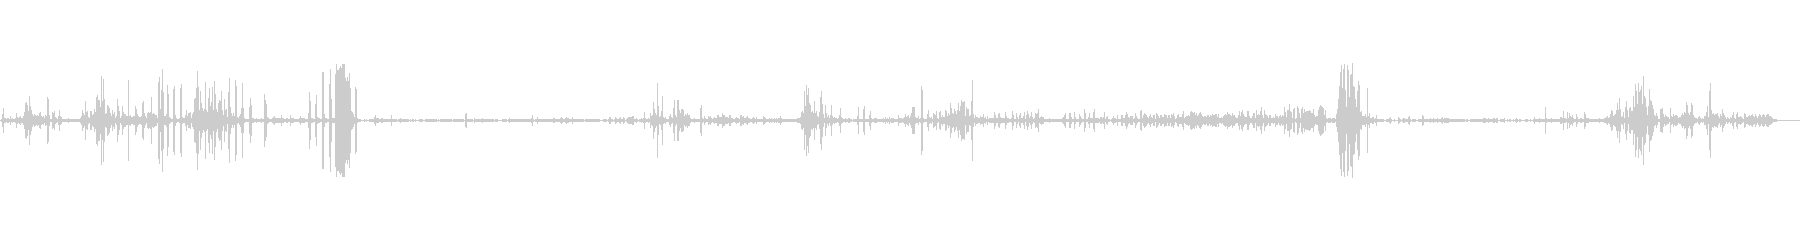 バーナード、C.U。クロック、スク...の未再生の波形